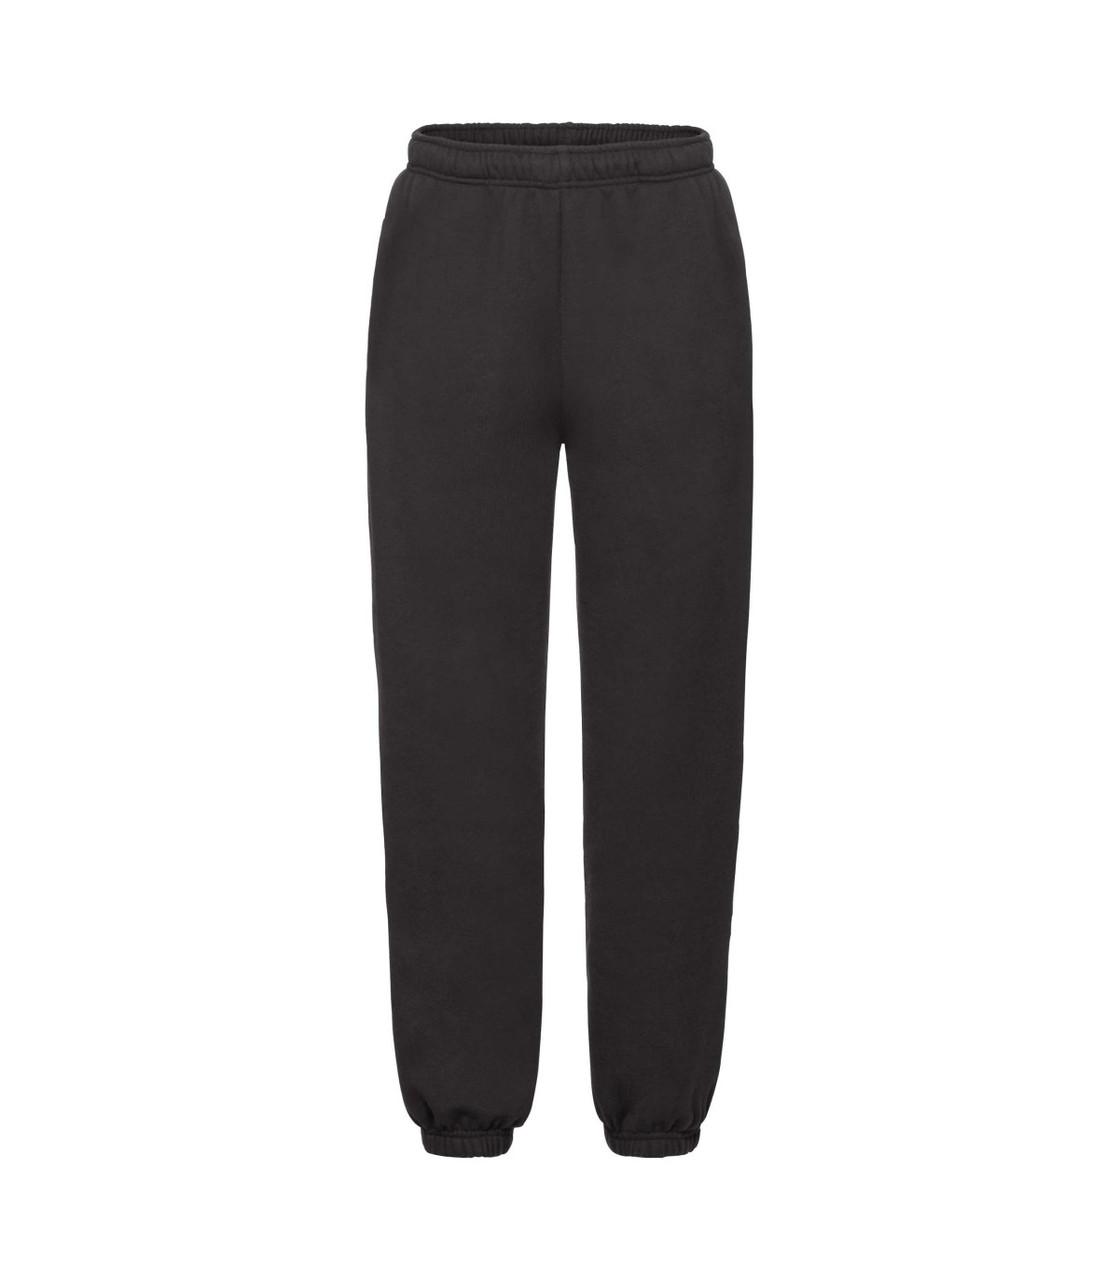 Детские спортивные штаны премиум черные 025-36